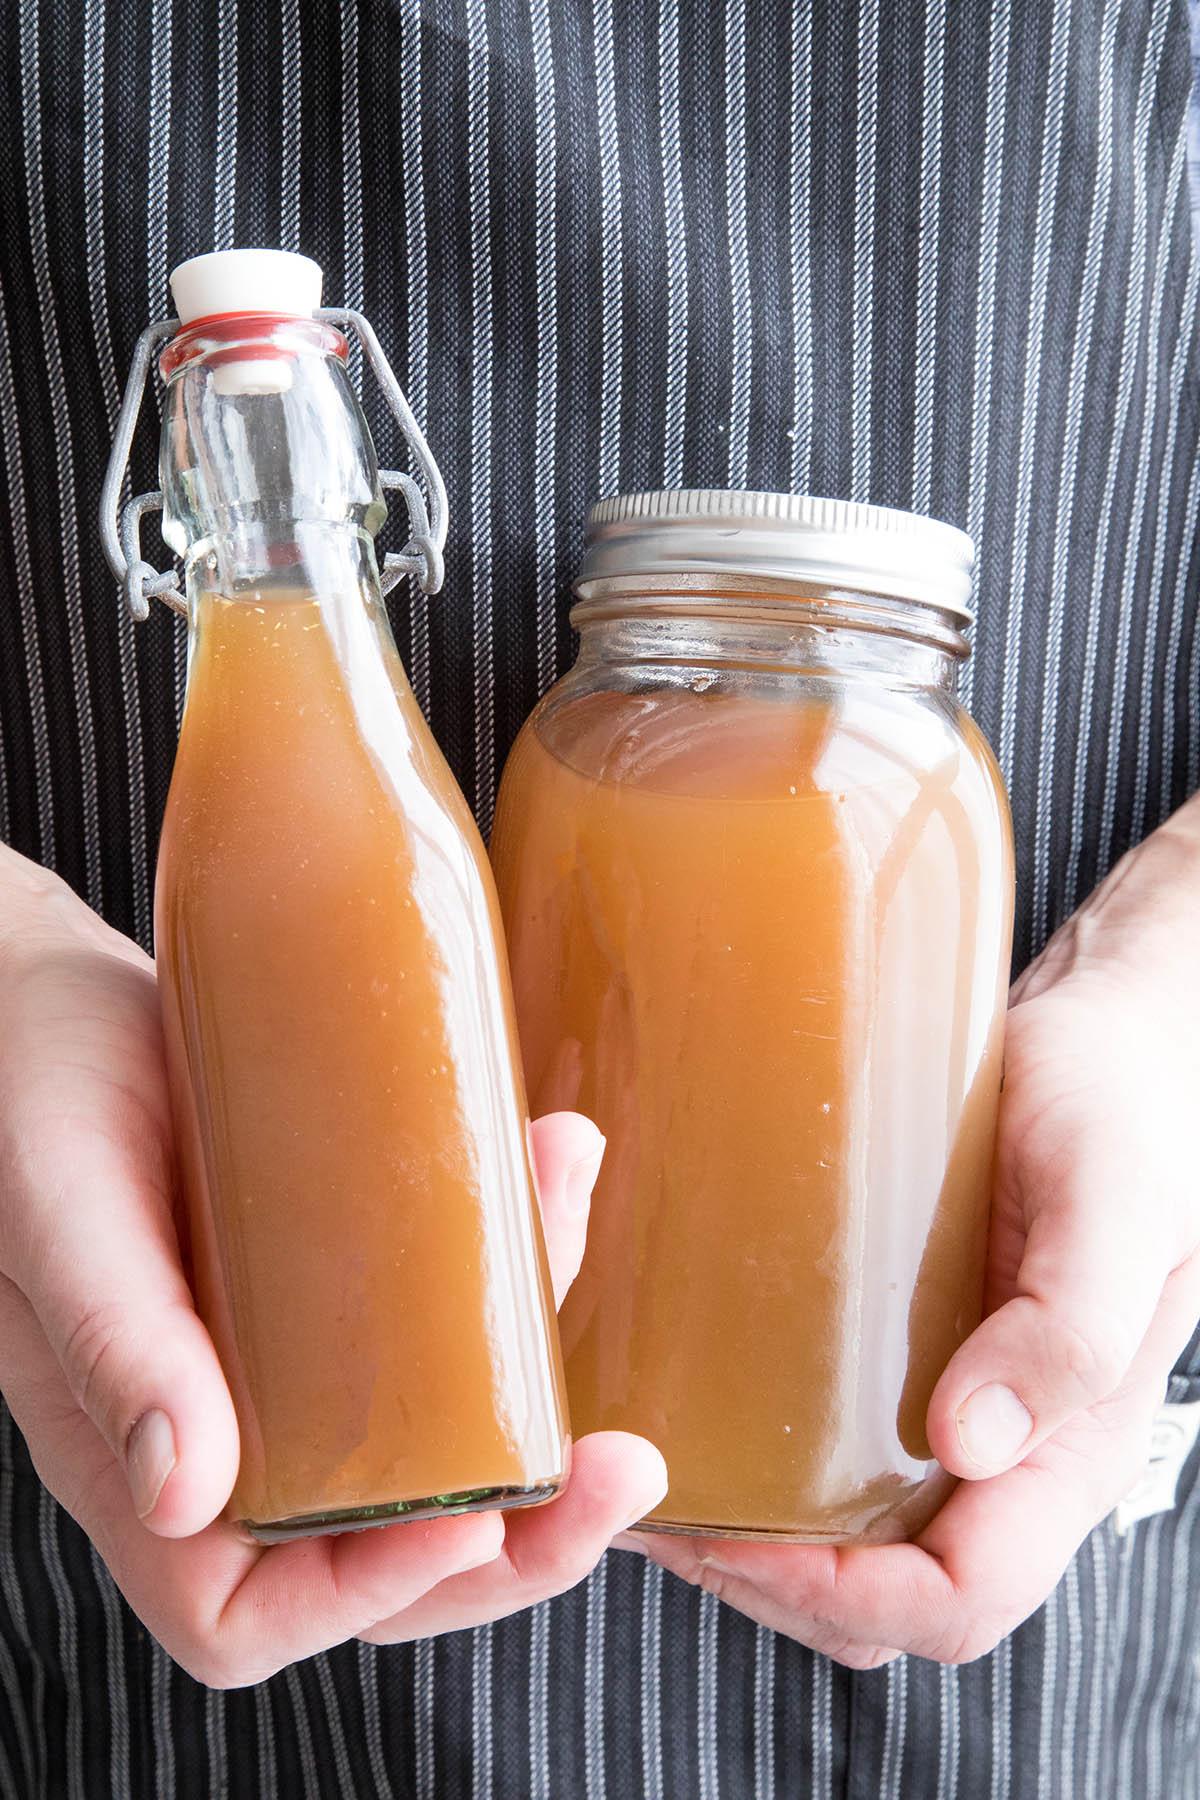 Homemade Fire Cider Recipe